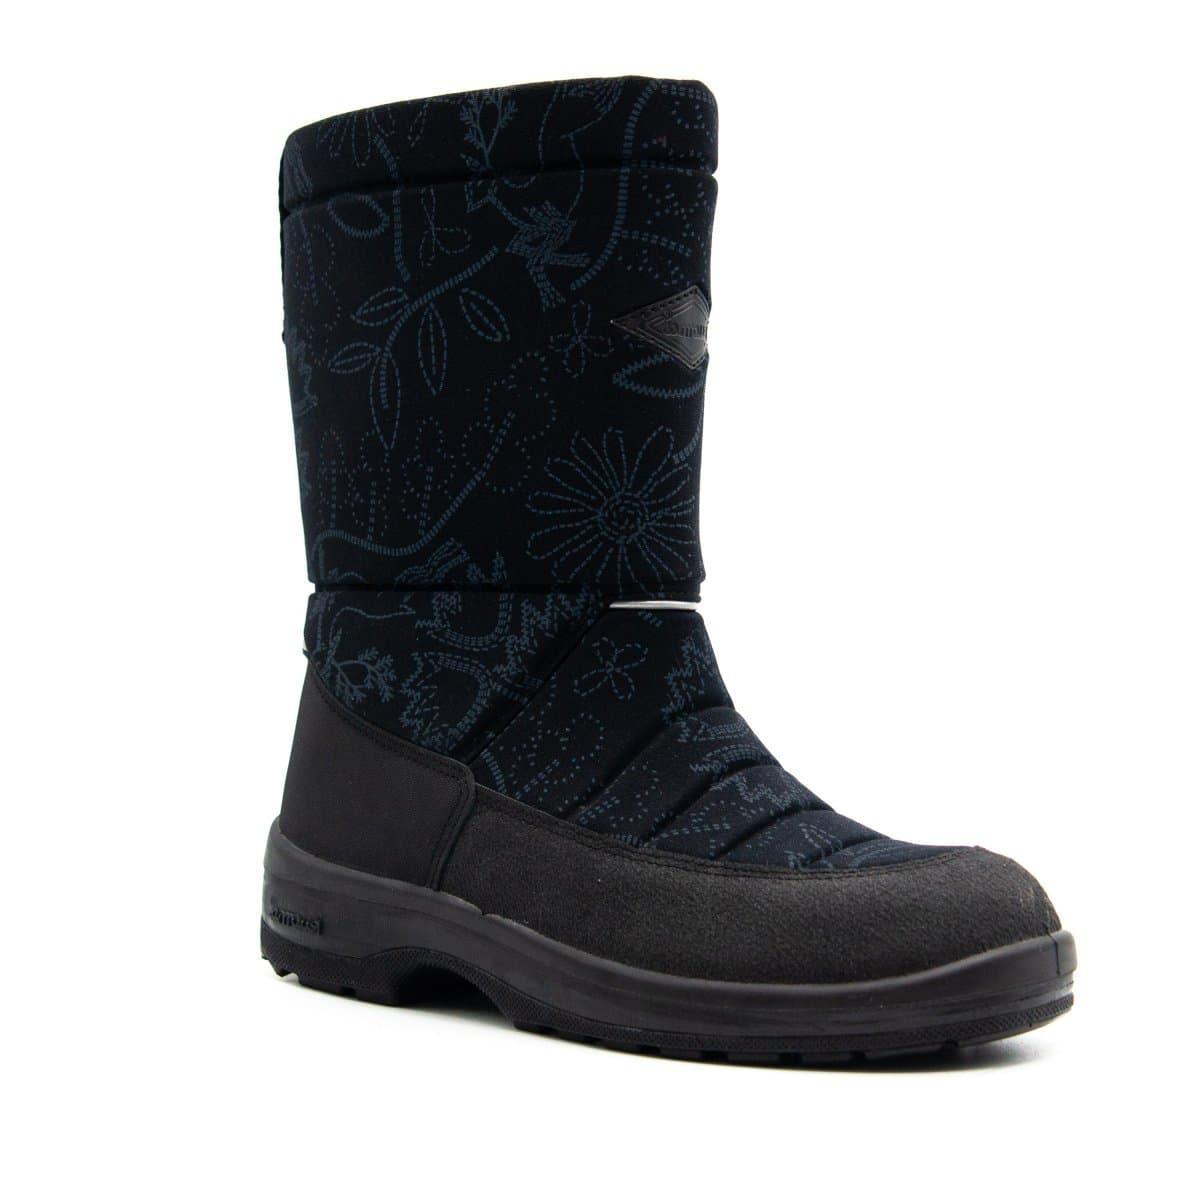 Обувь взрослая Lady, Black Paradise - 36